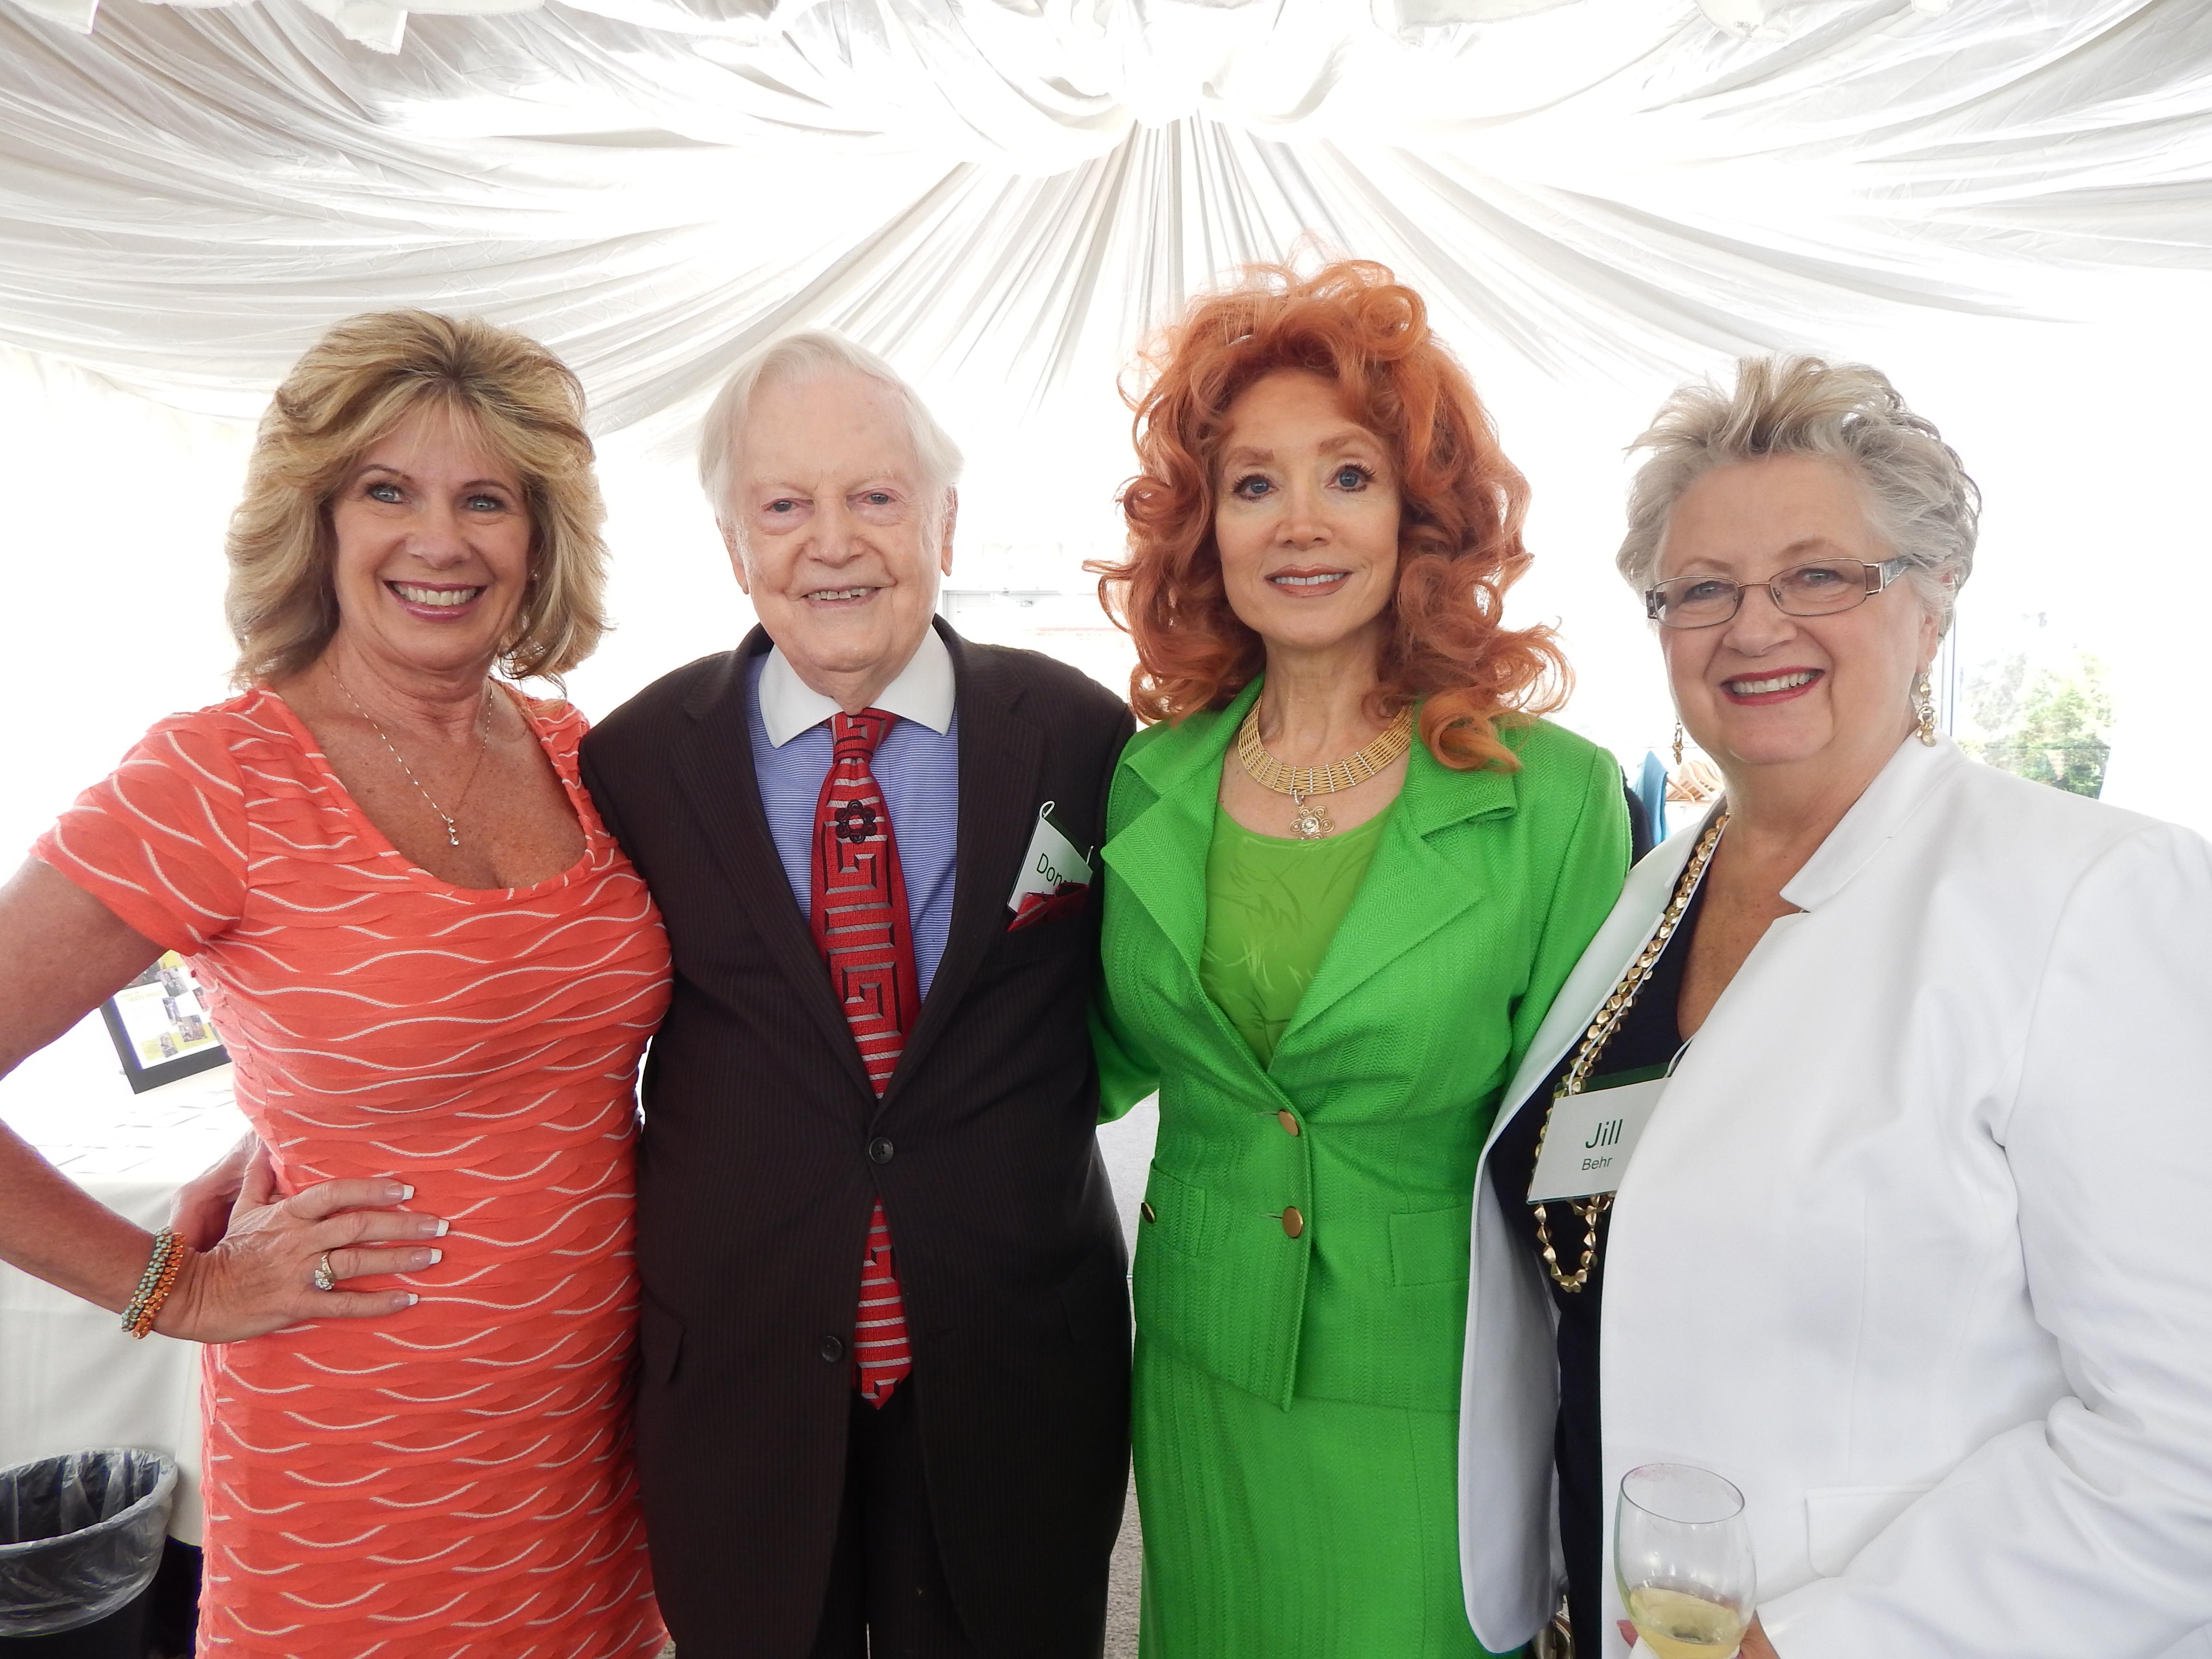 Terri Fisher, Donald Seawell, Judi Wolf, & Jill Behr